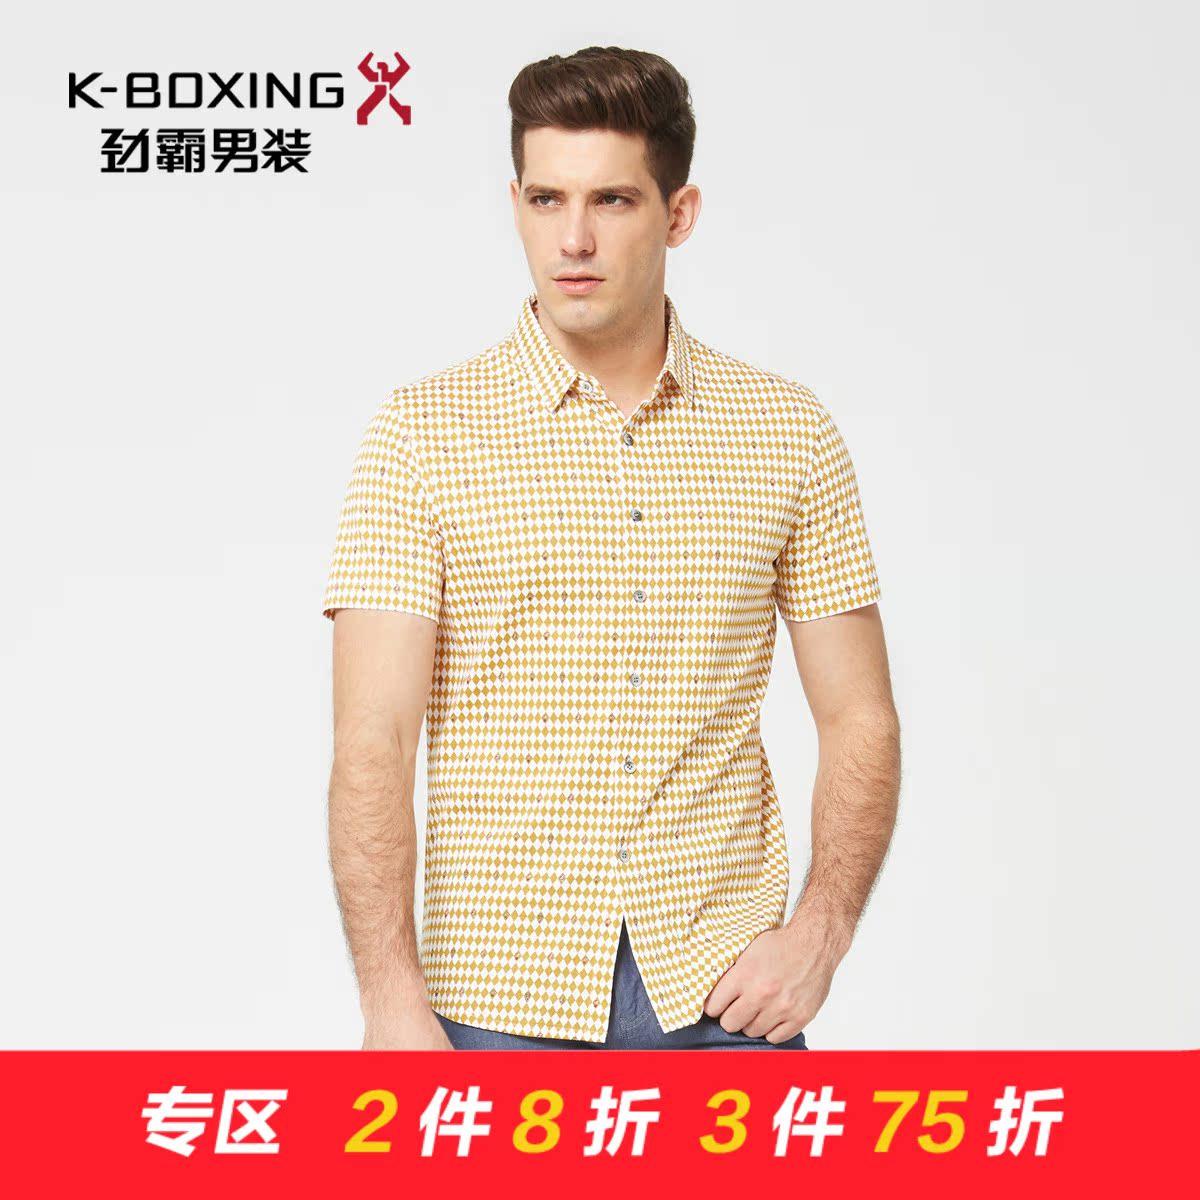 劲霸男装夏季新款格子印花短袖衬衫男士短袖丝光棉衬衫FDBJ2359